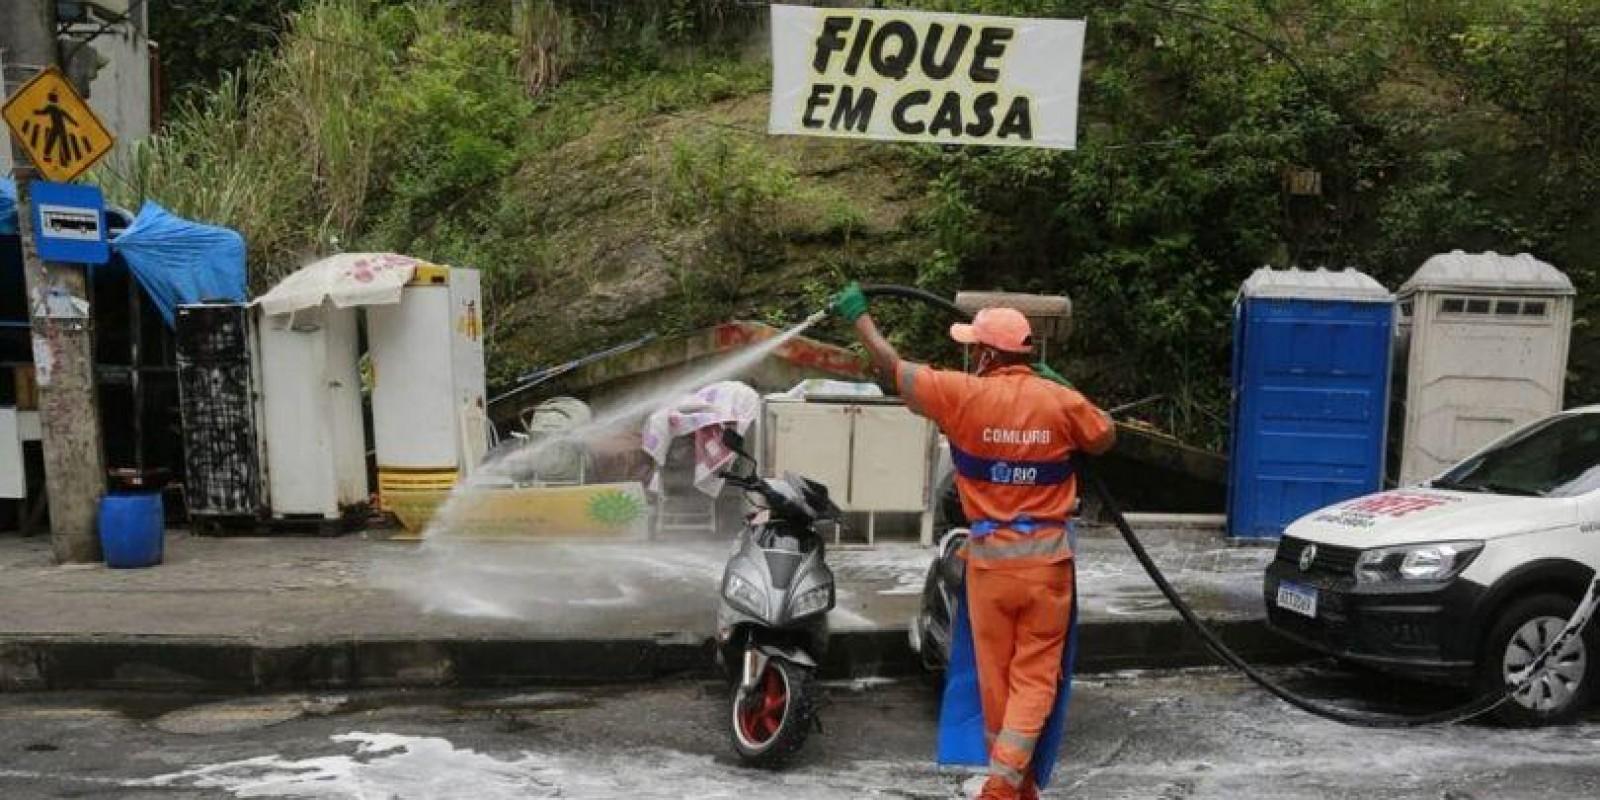 Mistanásia: Uma Breve Análise Sobre A Dignidade Humana No Sistema Único De Saúde No Brasil